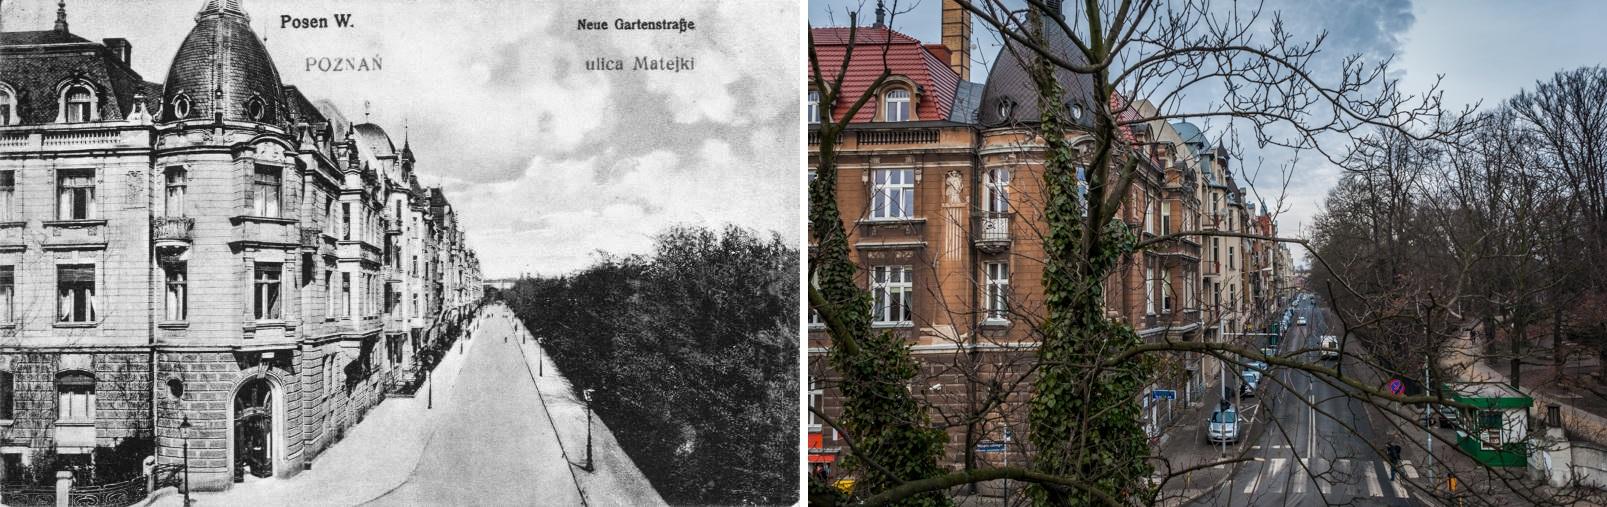 Matejki Neue Gartenstrasse 1905-15